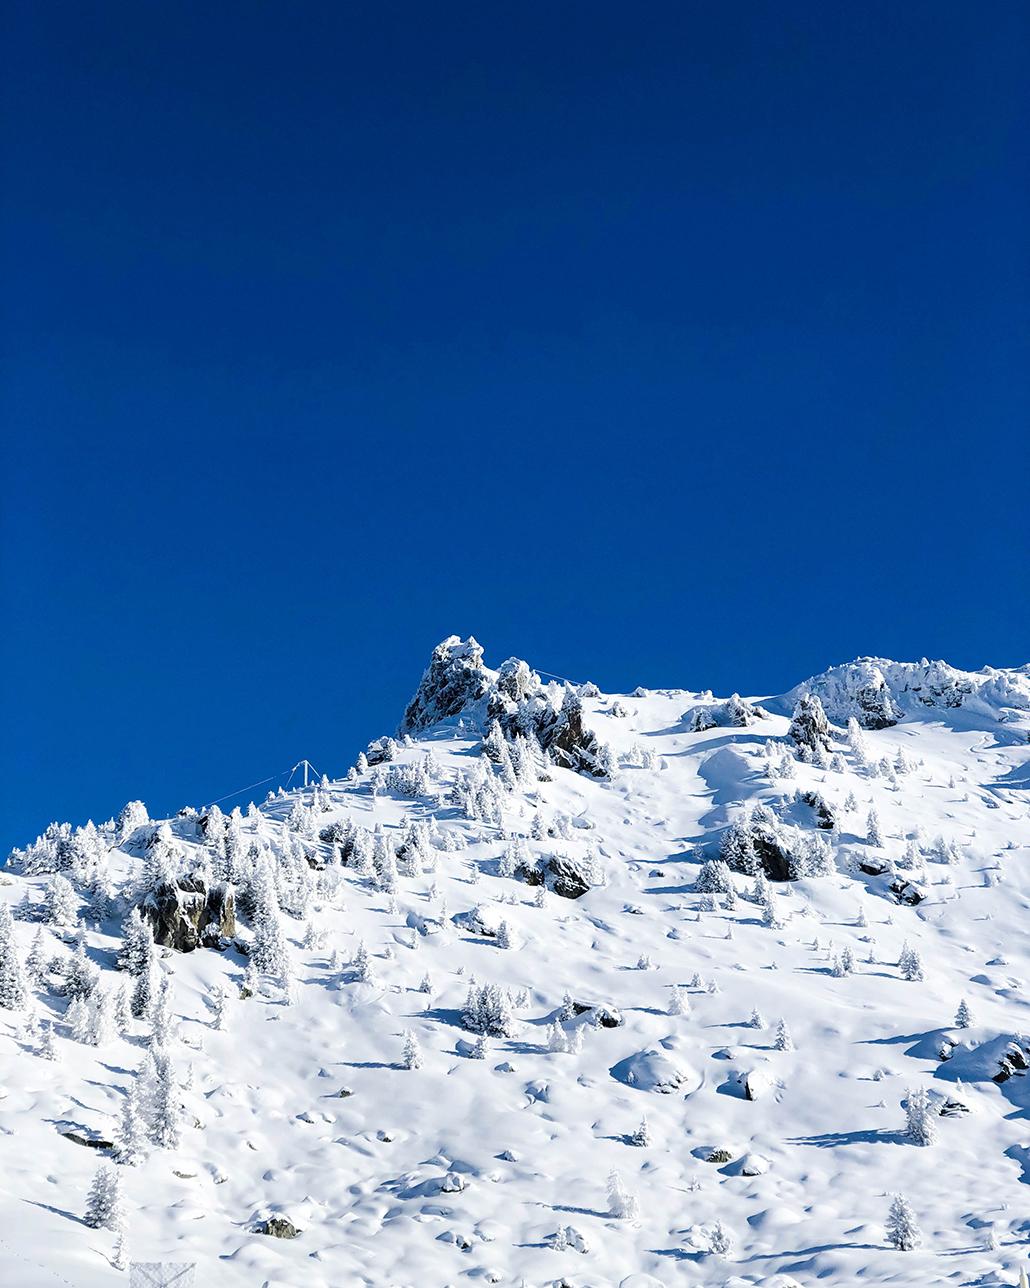 Les Arcs Alpes Savoie Mont Blanc Ski Snow Montagne Mountain Vacances loisir bonnes adresses